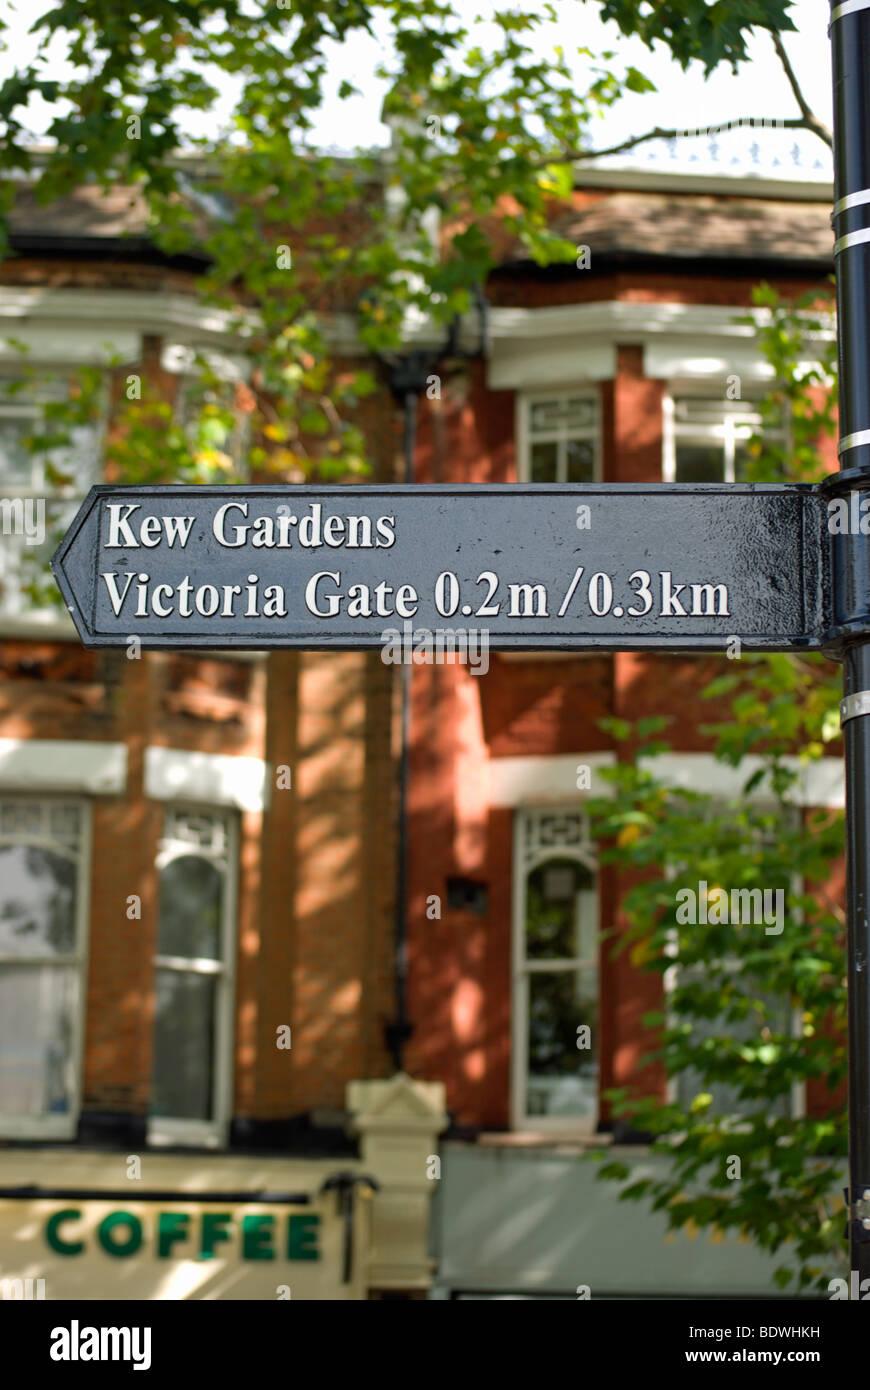 Calle signo de kew gardens y victoria gate, en Kew, en el suroeste de Londres, Inglaterra Foto de stock